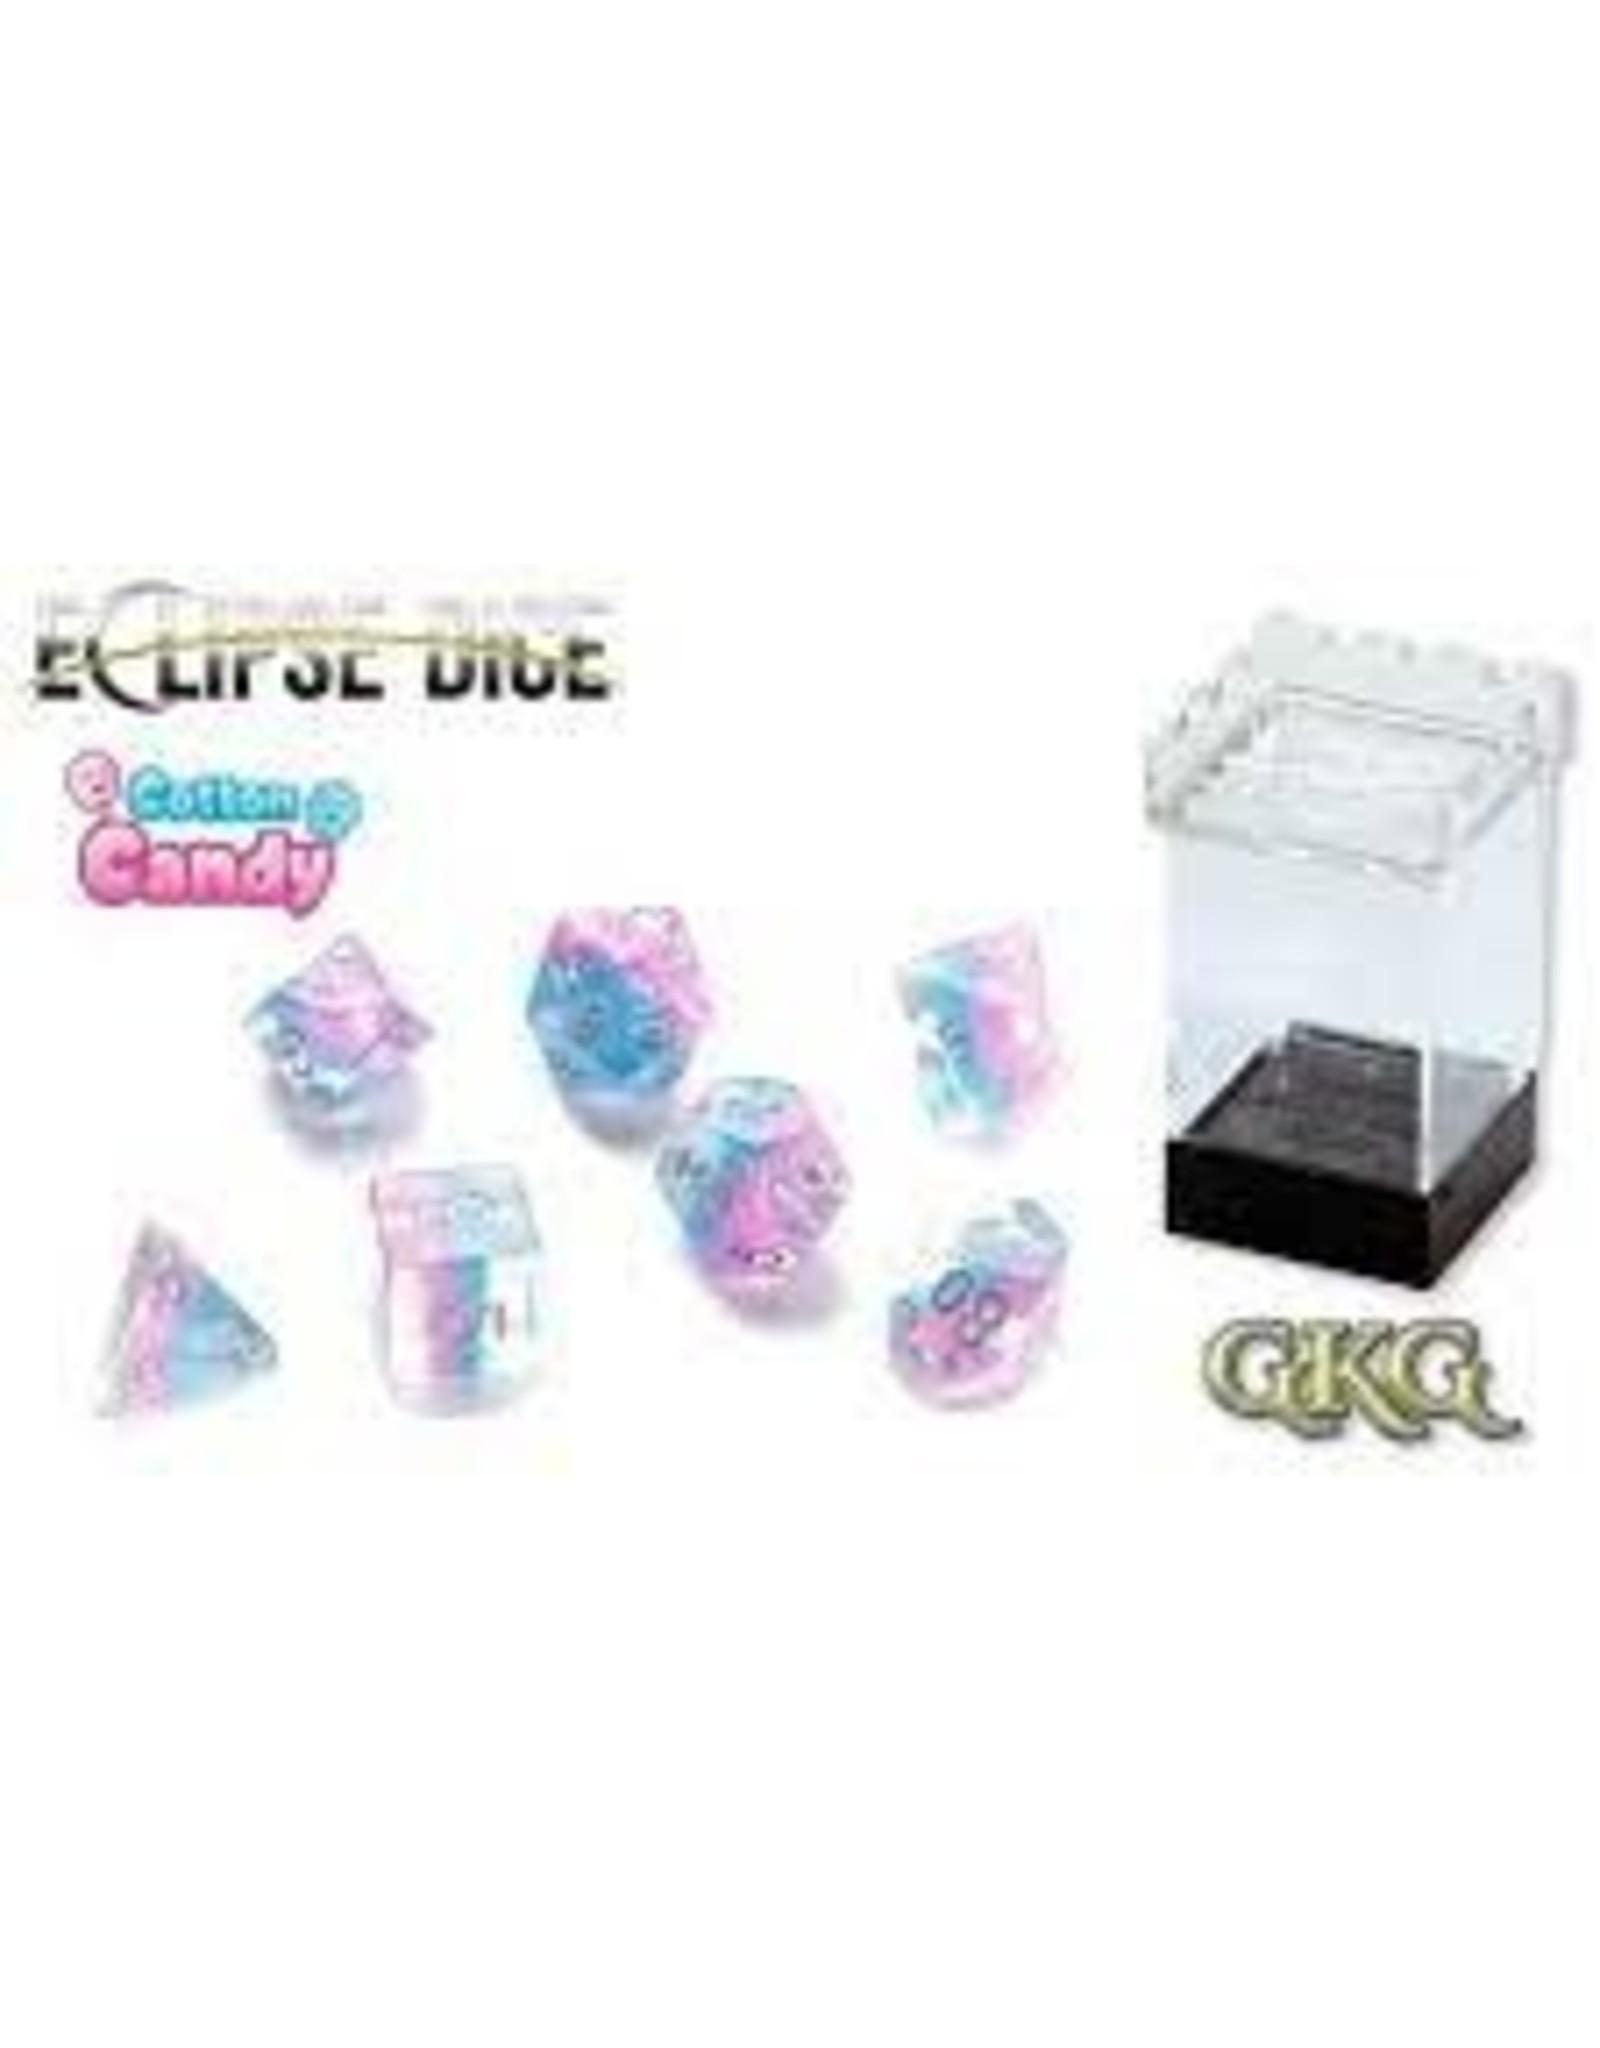 7-set Cube: Eclipse: Cotton Candy